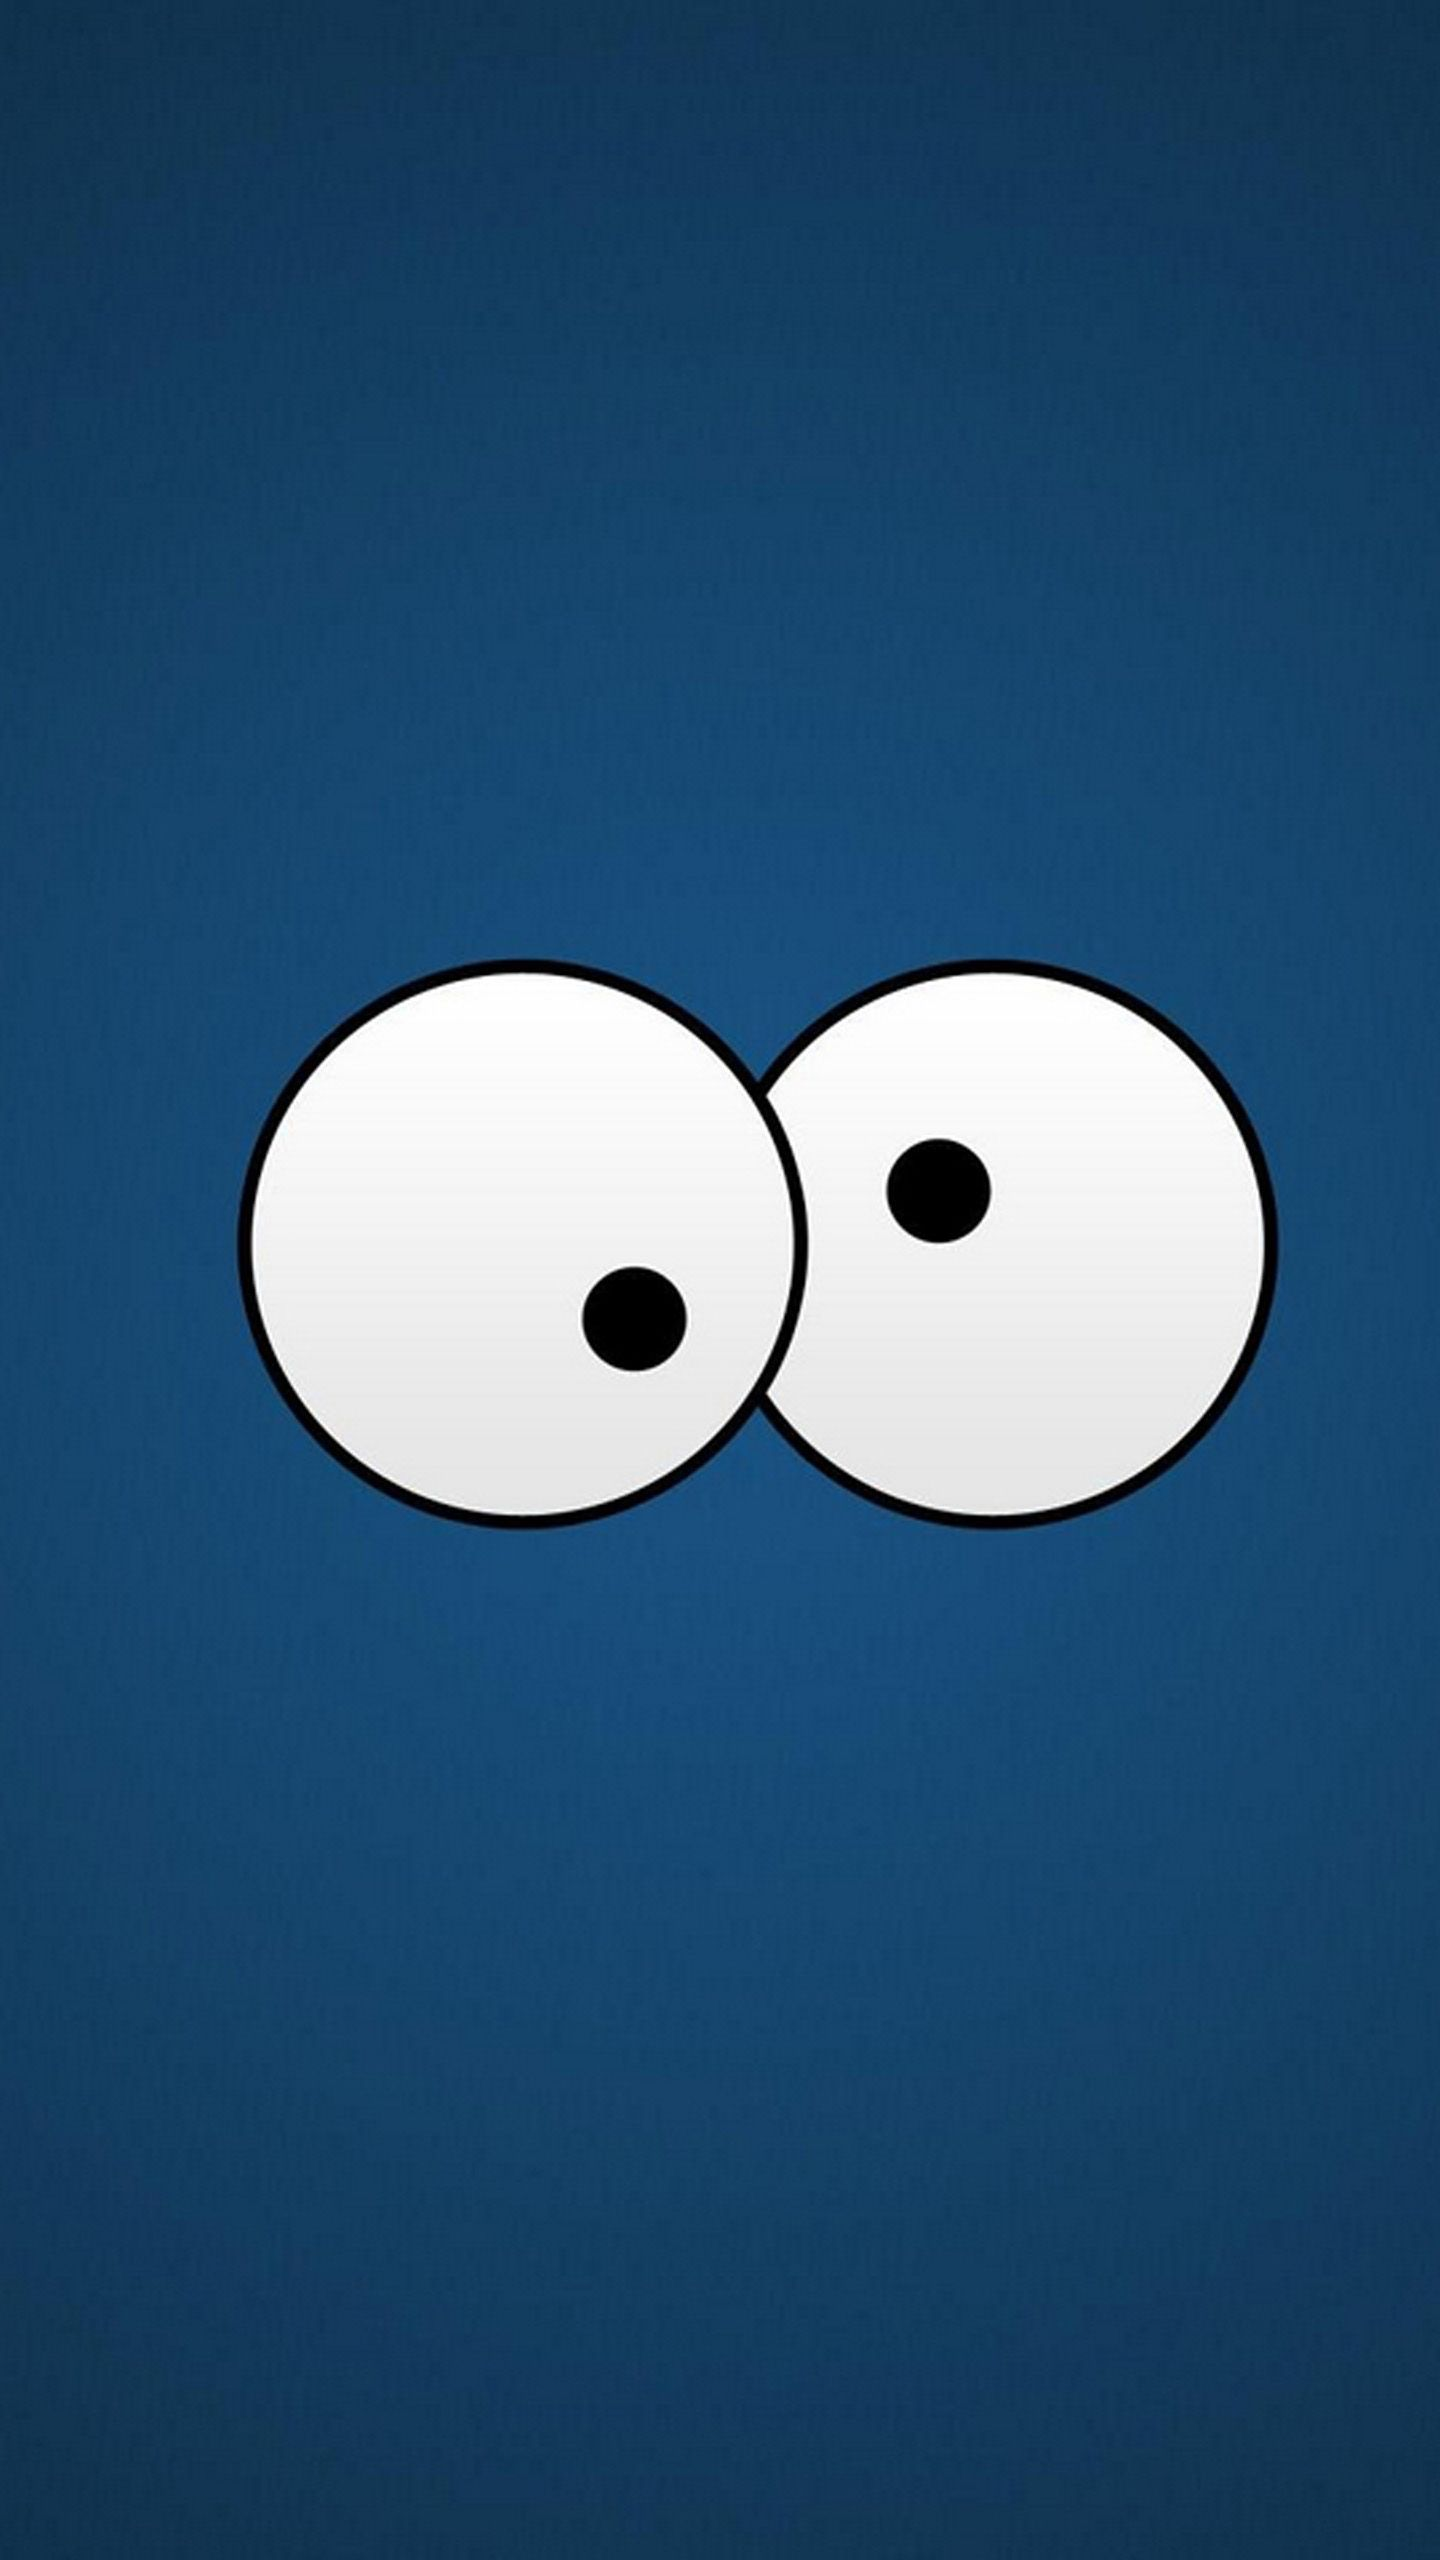 Cookie Monster 2 Galaxy Note 4 Wallpapers Jpg Cookie Monster Wallpaper Cartoon Wallpaper Elmo Wallpaper